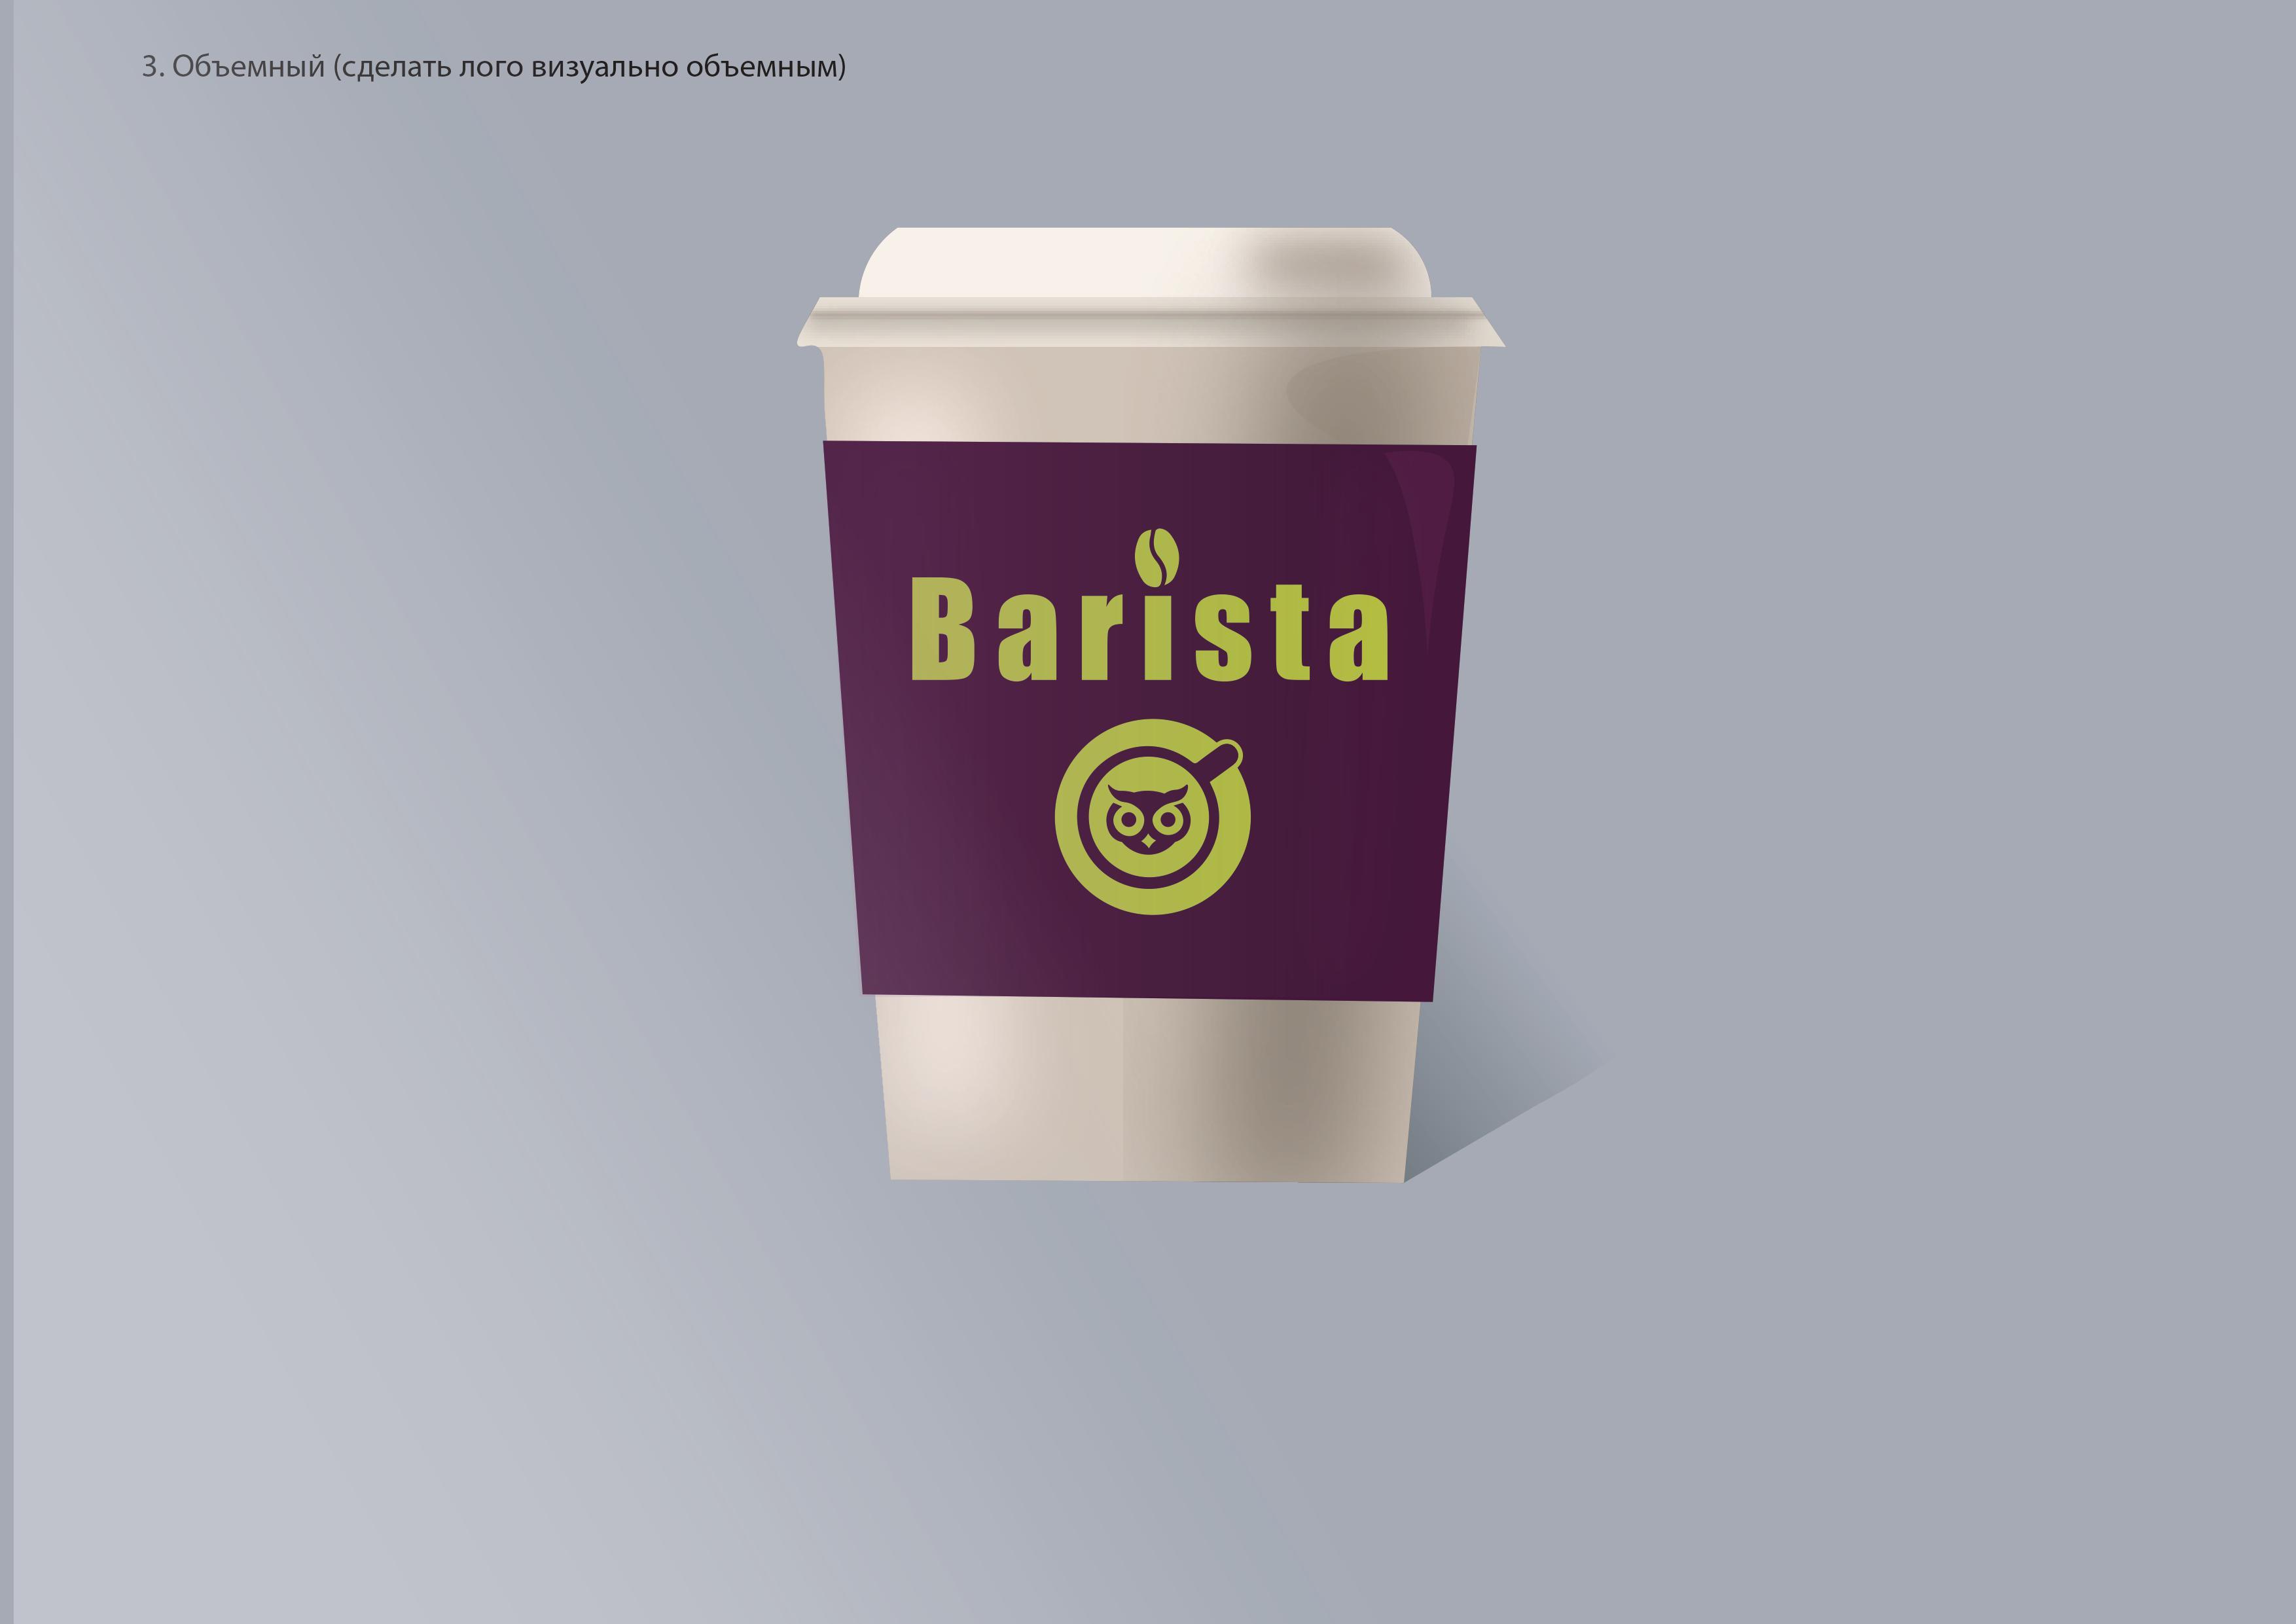 Ребрендинг логотипа сети кофеен фото f_6155e80e768b0668.jpg